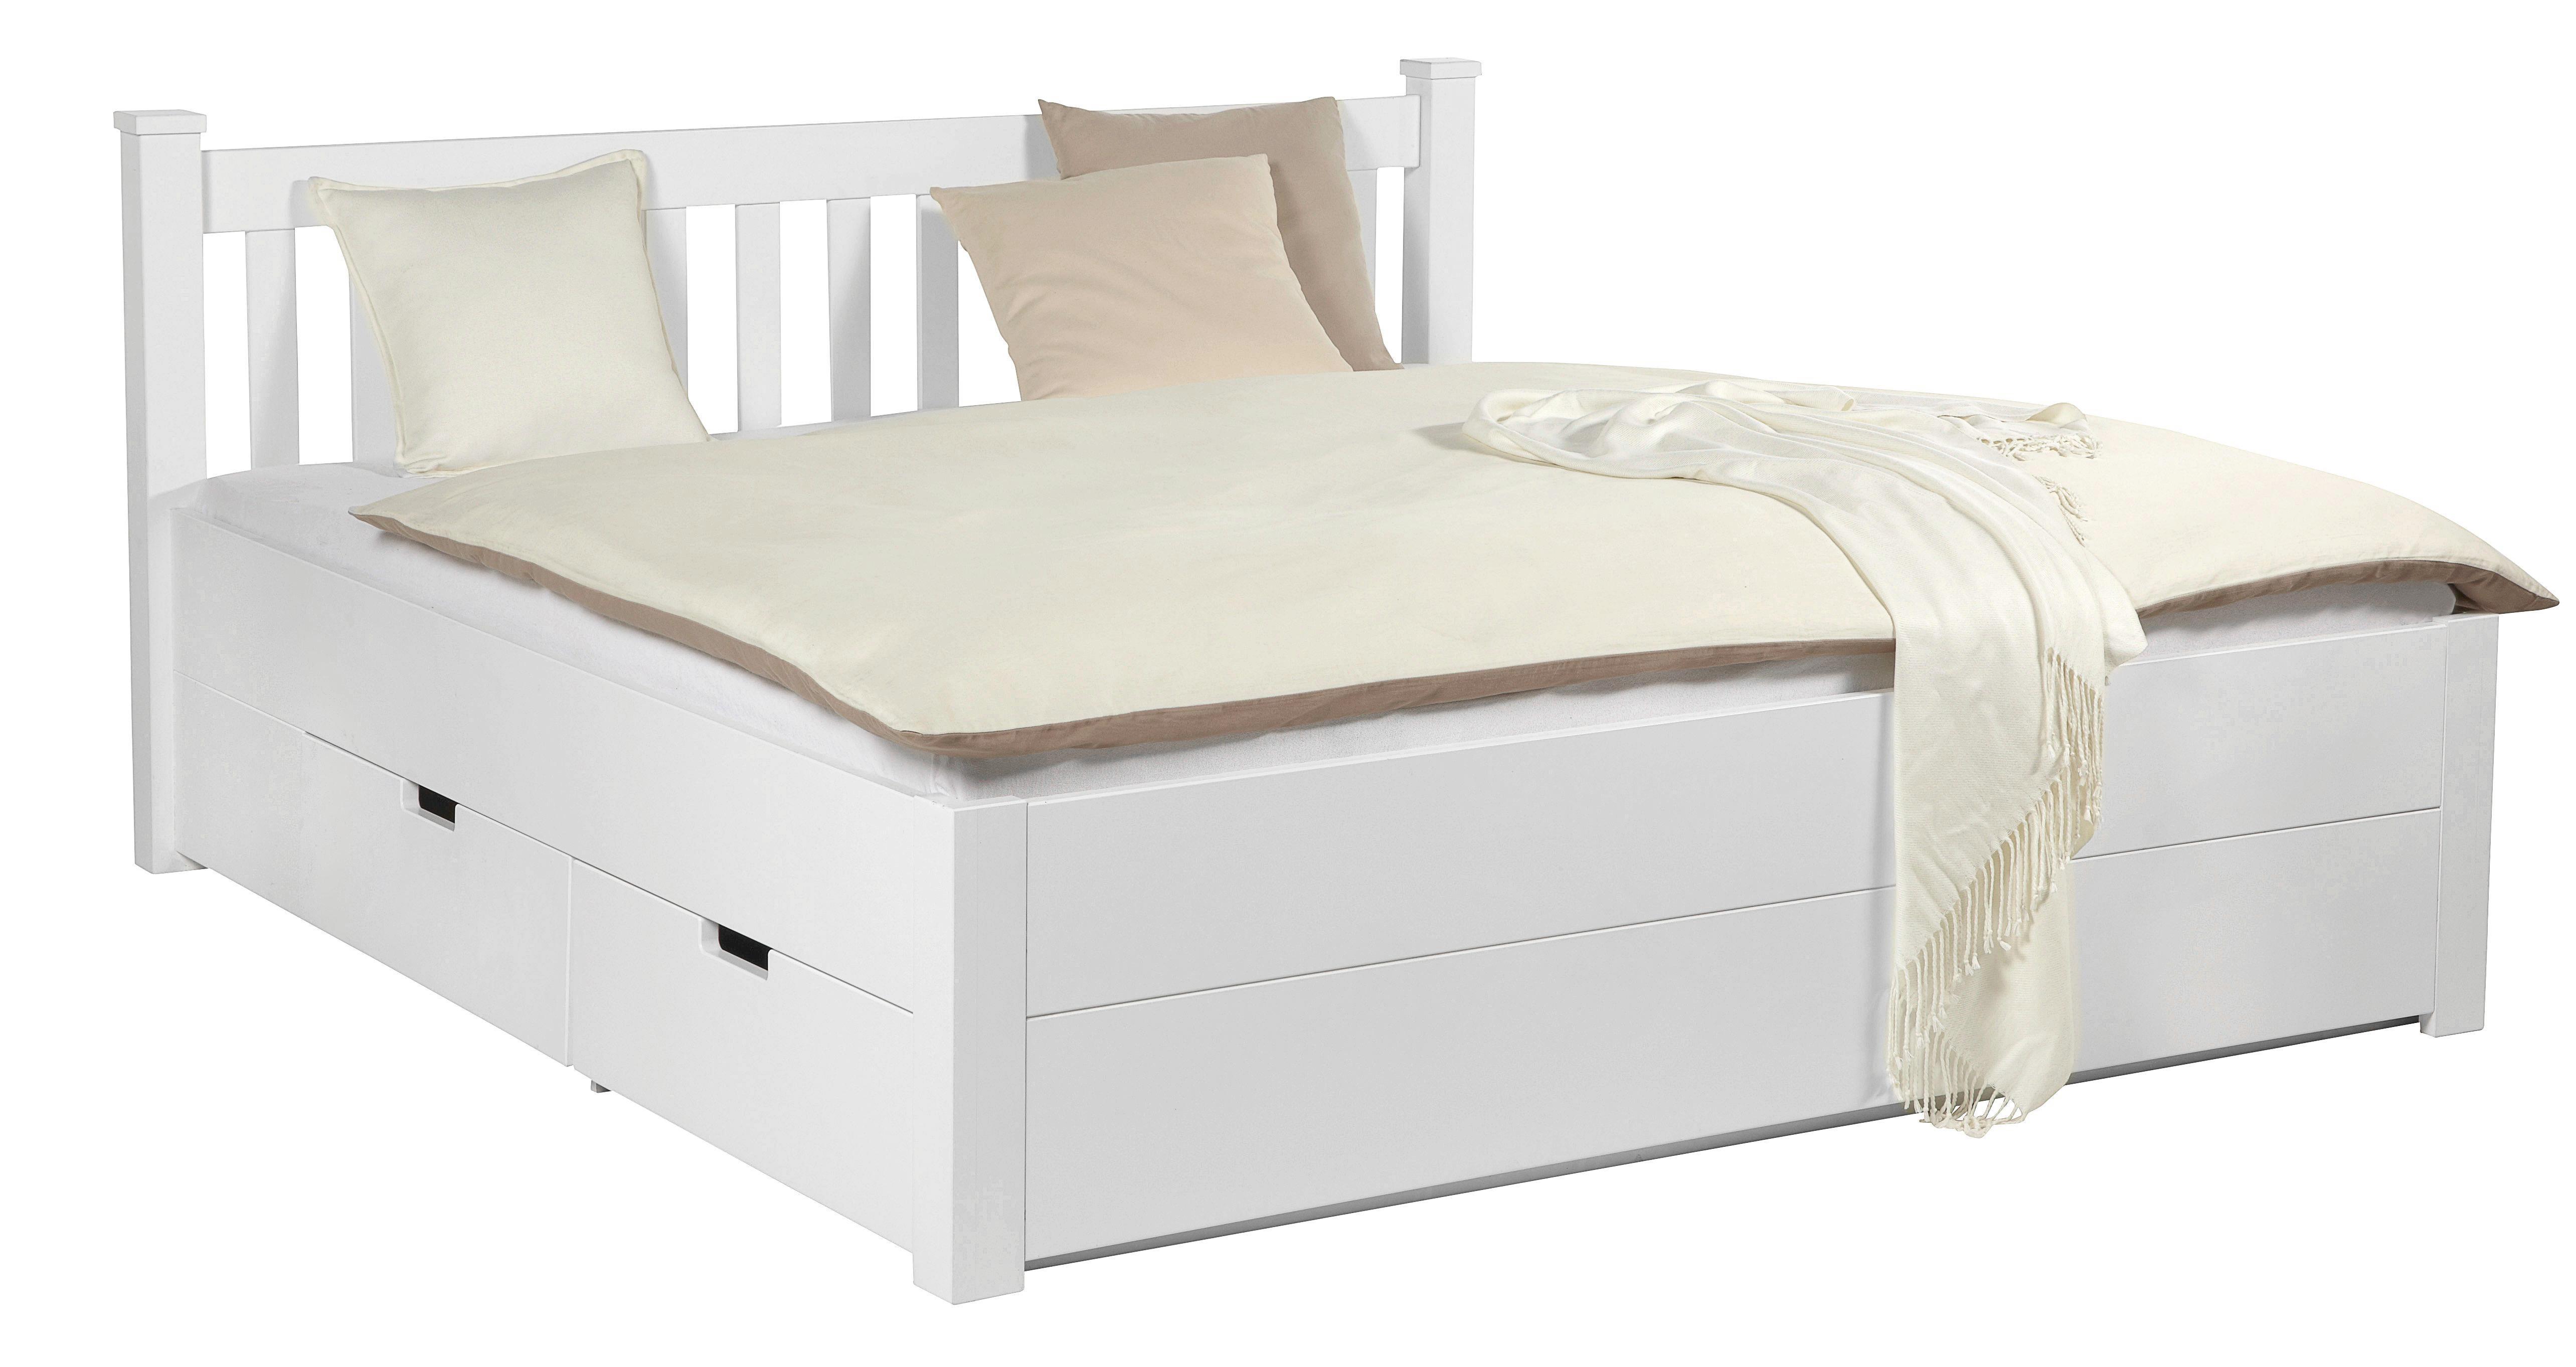 Bett weiß holz  Bett in Weiß, ca. 180x200cm online kaufen ➤ mömax